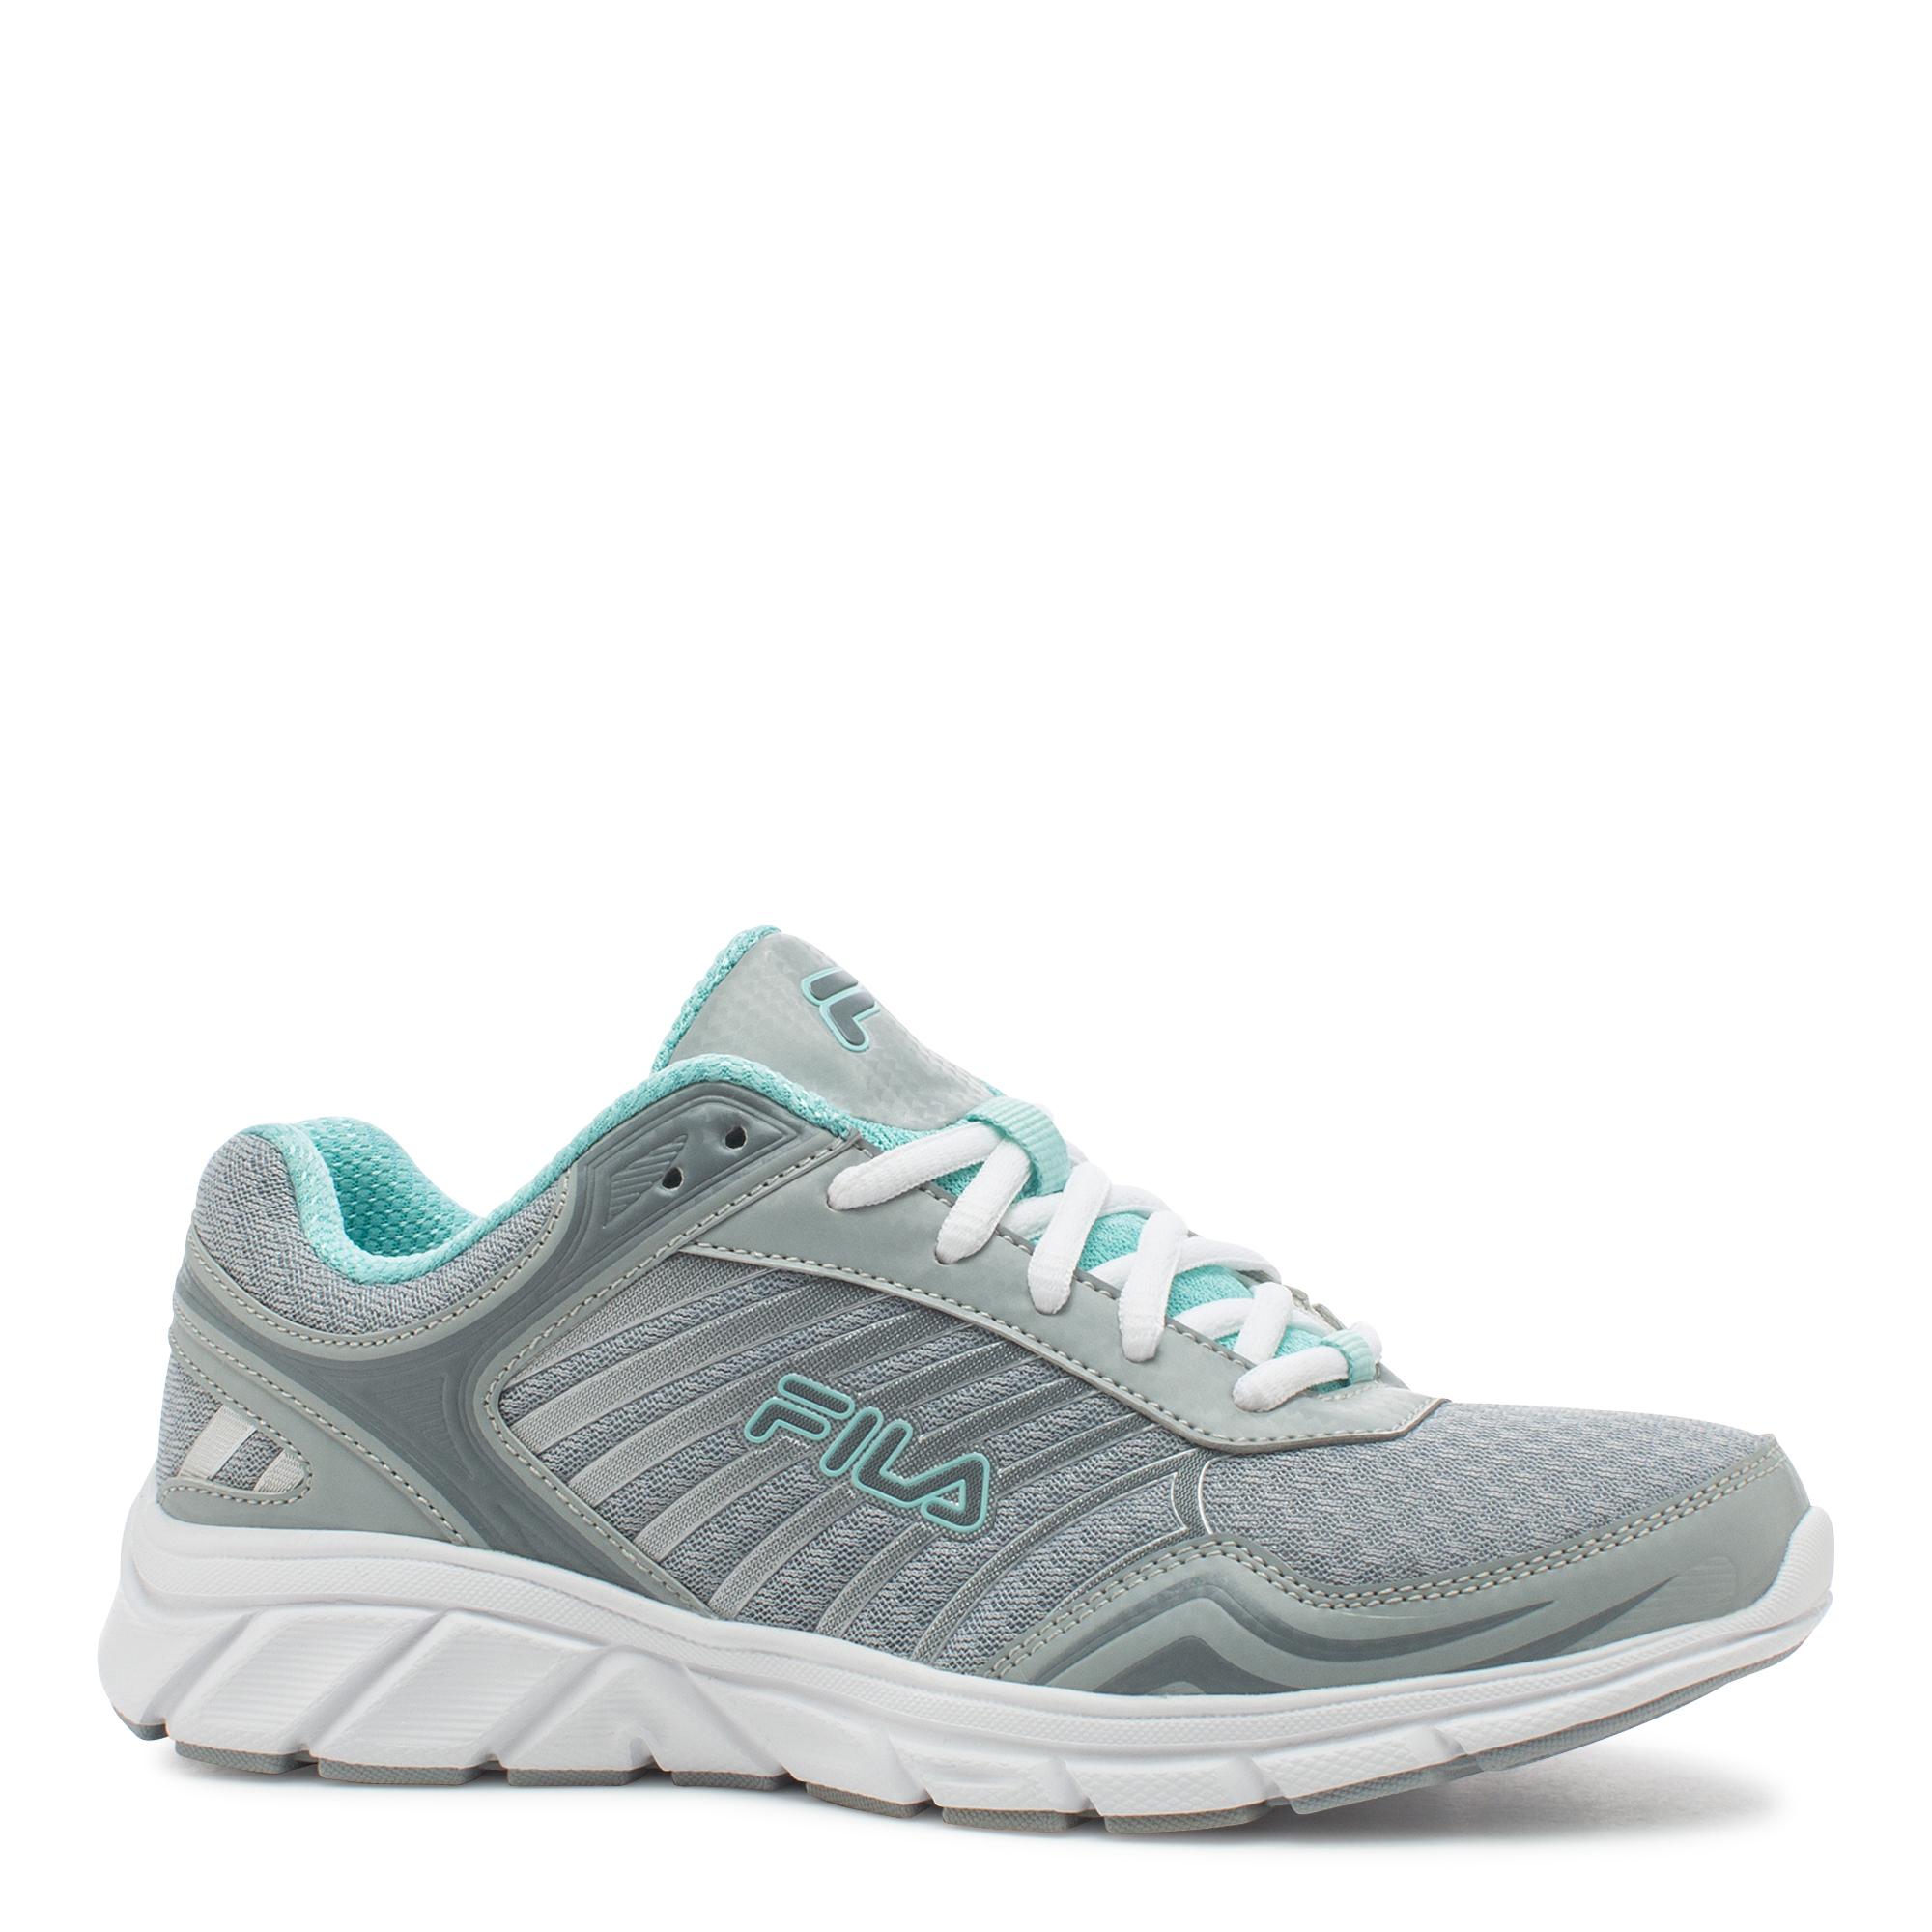 Fila-Women-039-s-Gamble-Running-Shoe